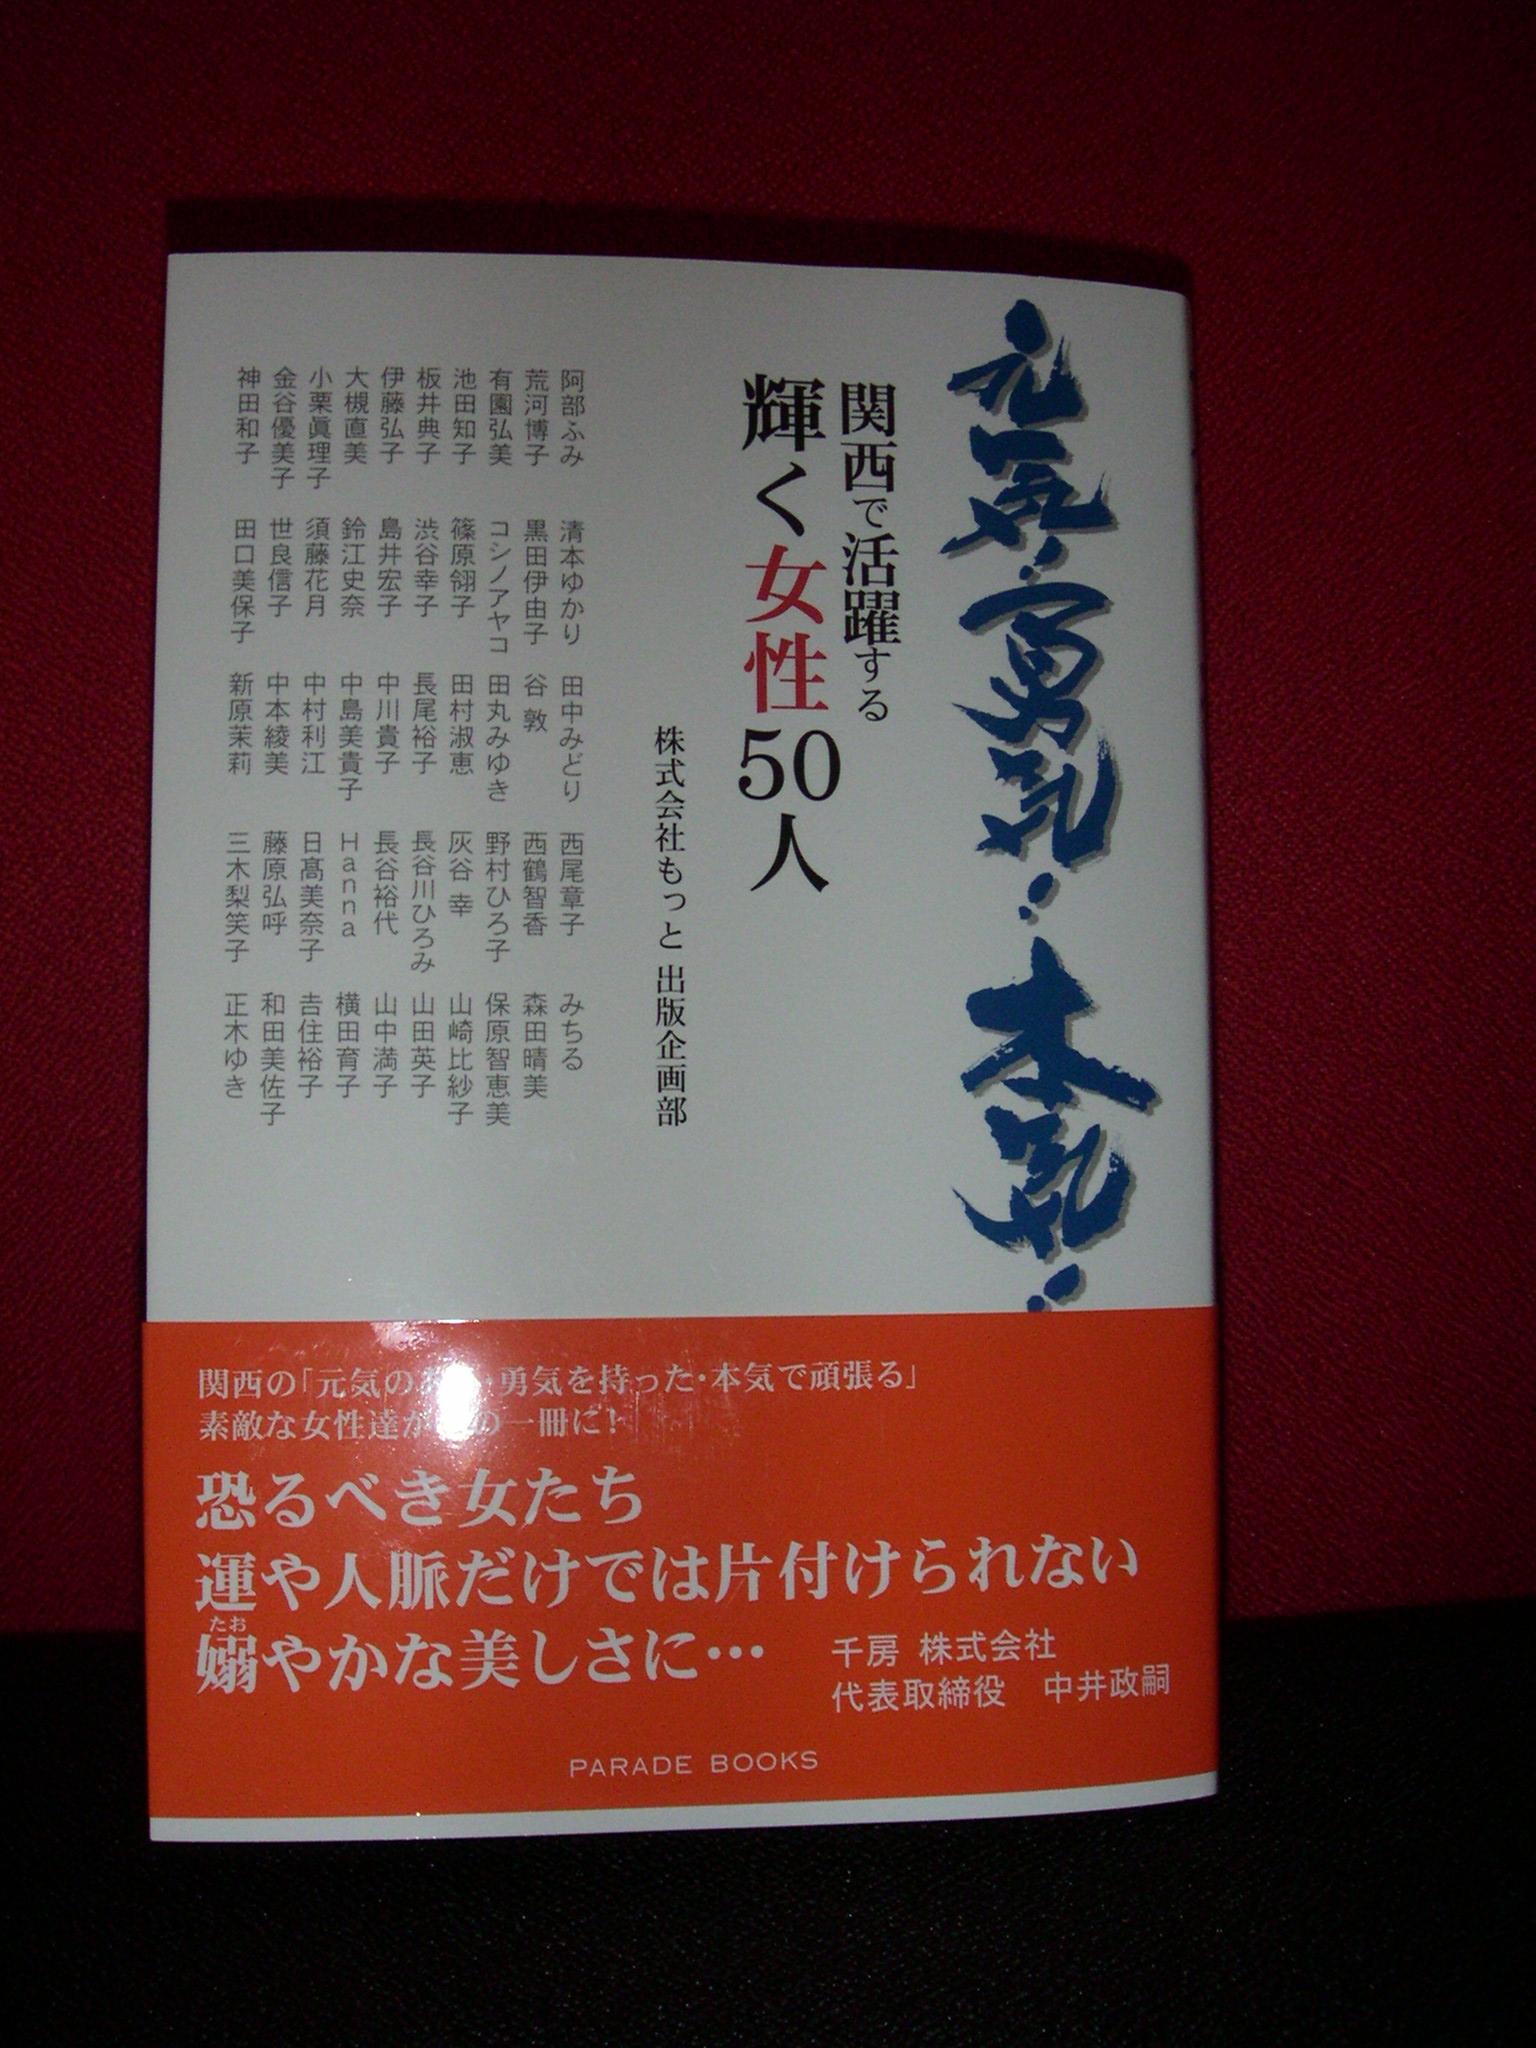 genkibook